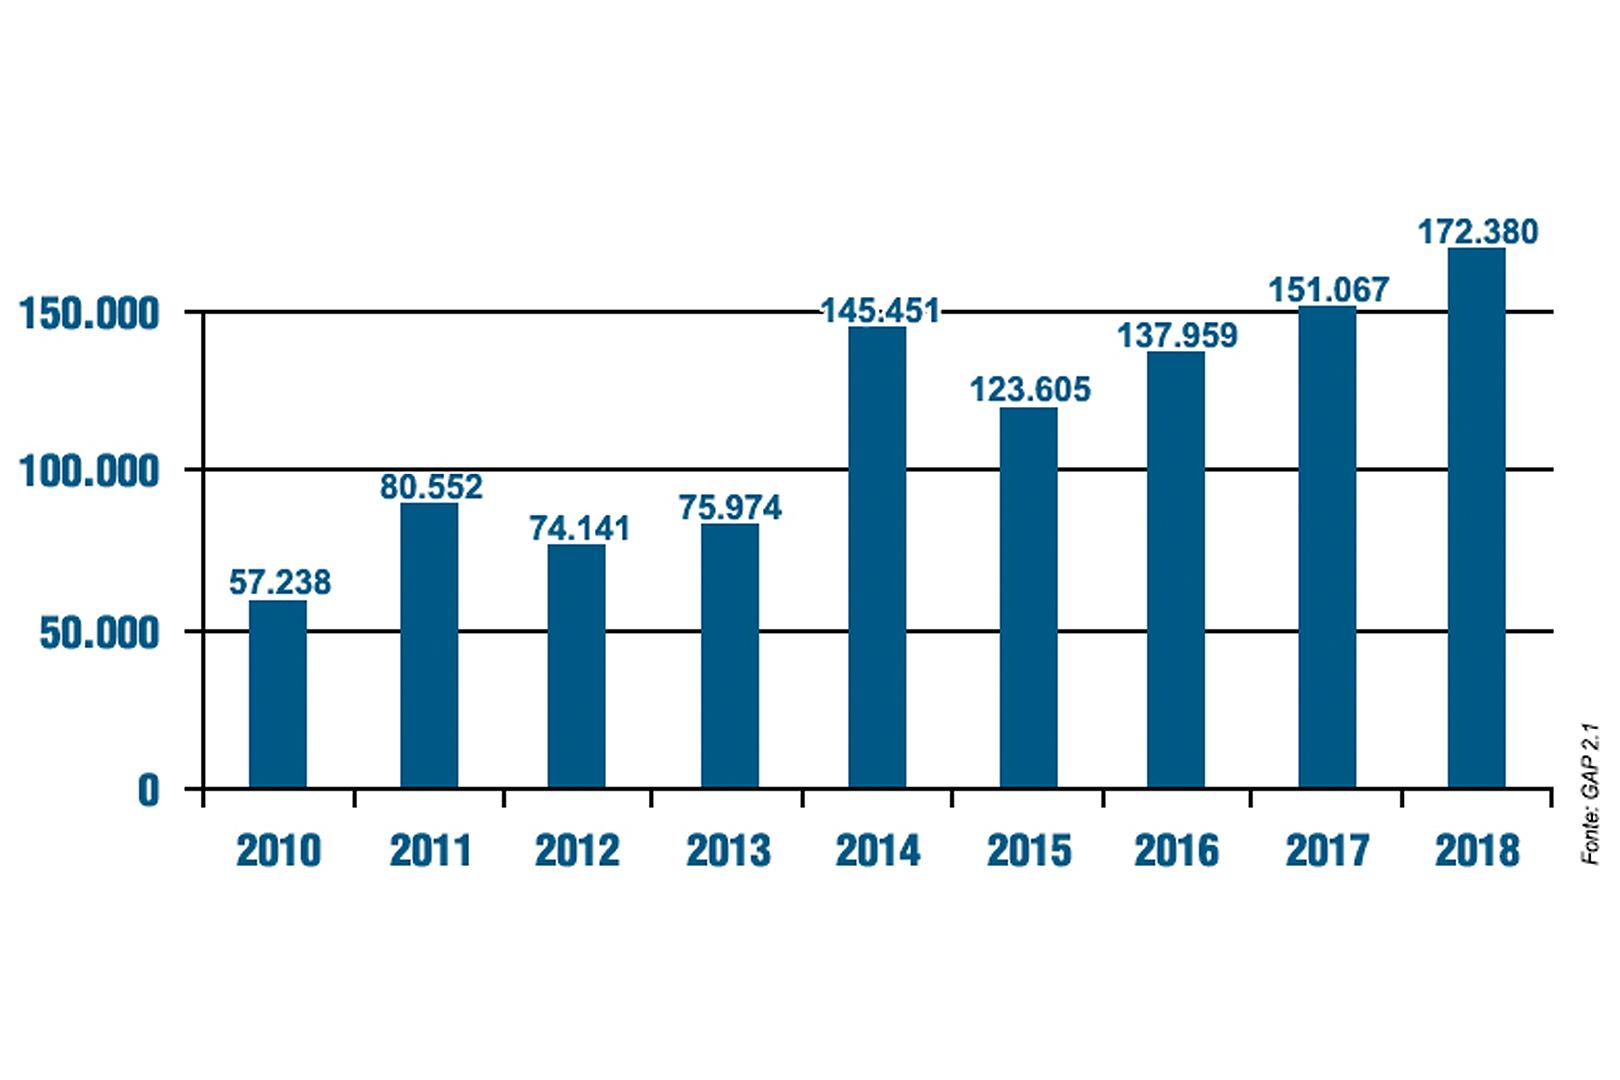 Direito Privado ultrapassa 1 milhão de decisões em 9 anos